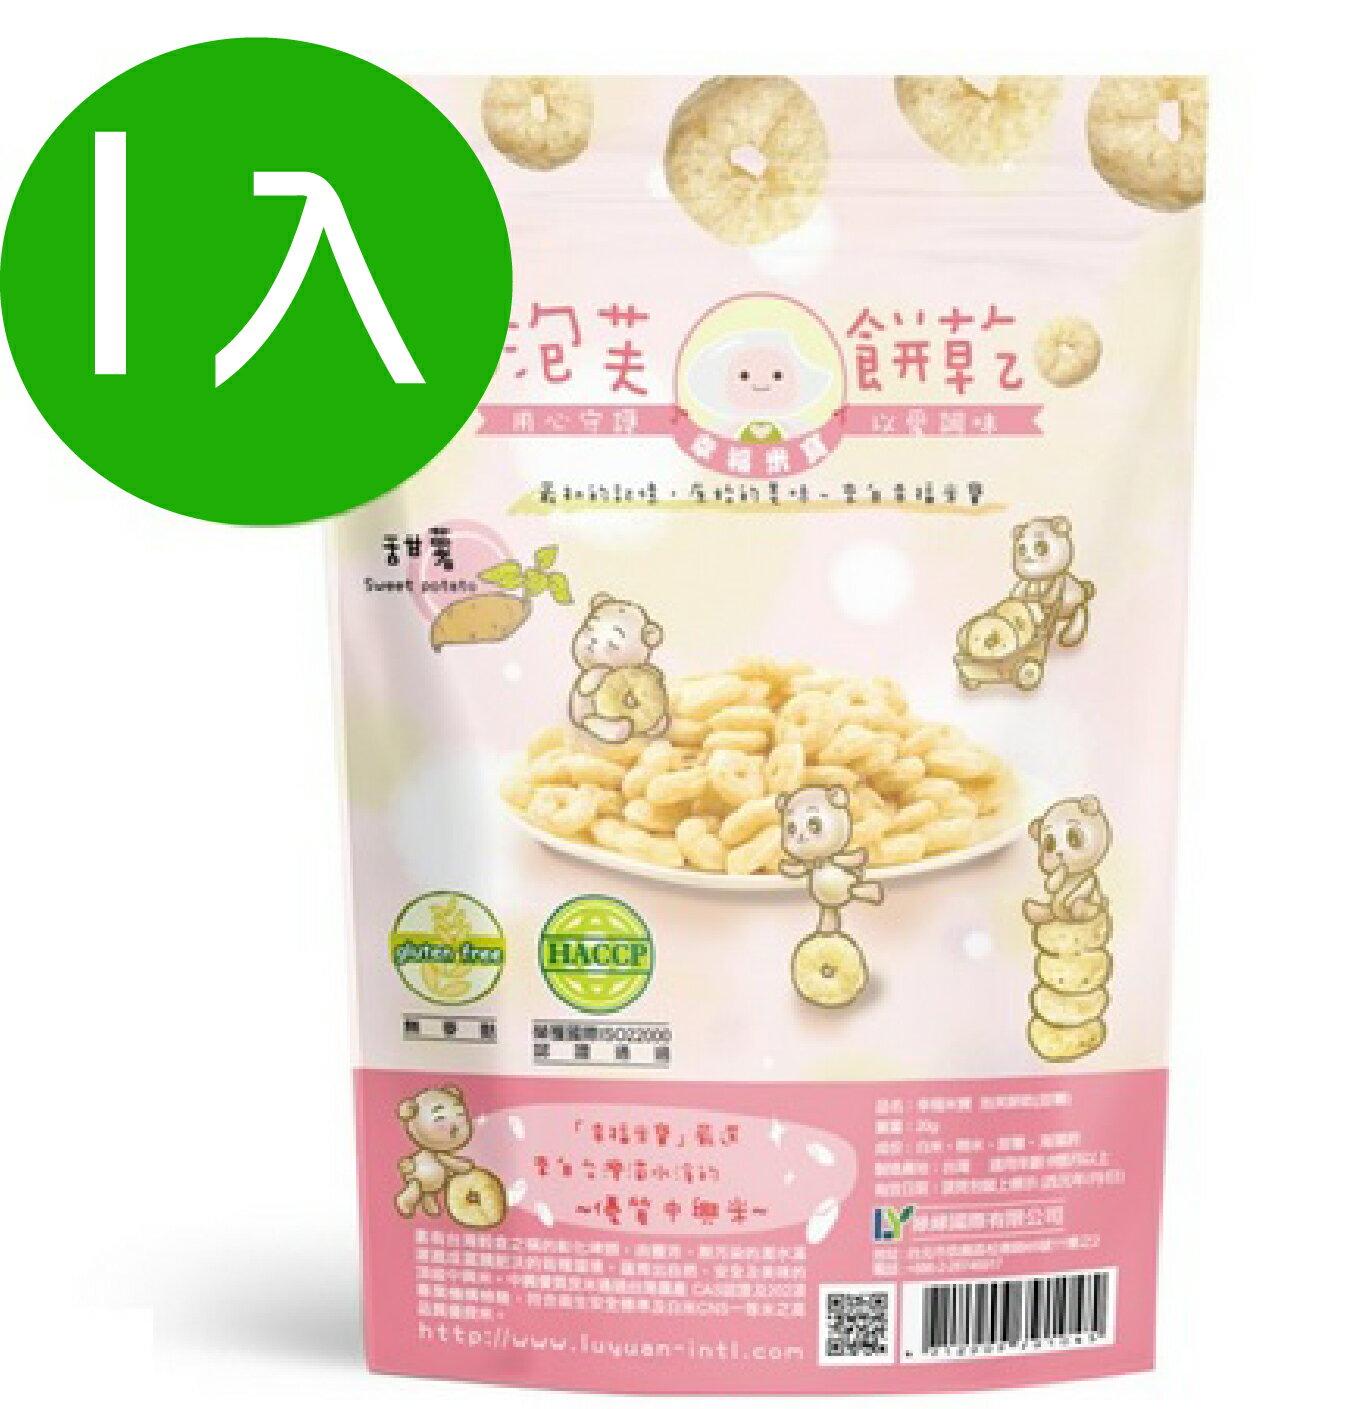 【幸福米寶】泡芙餅乾(甜薯) 0